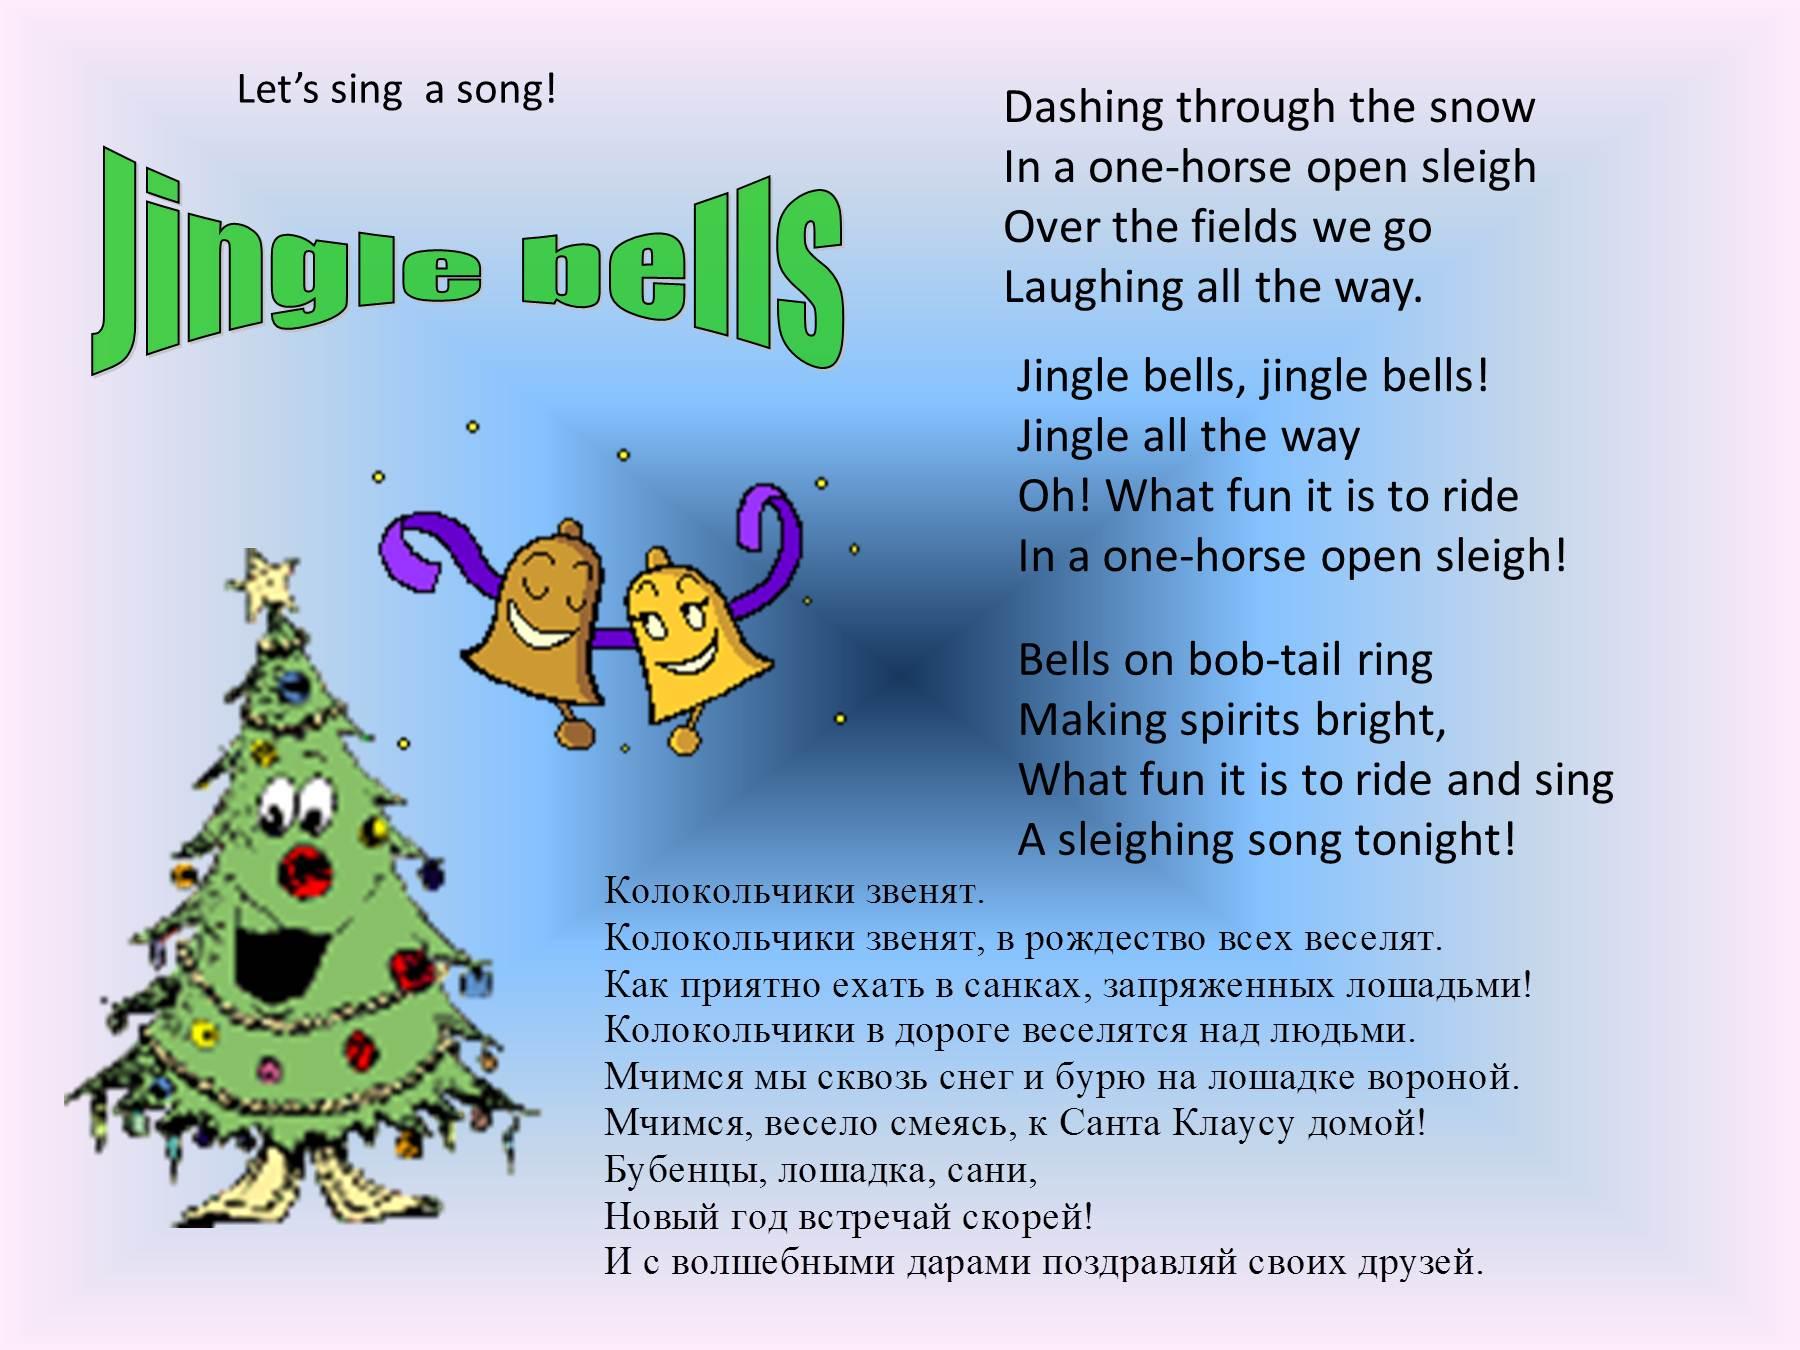 стихотворение на английском с новым годом с переводом также